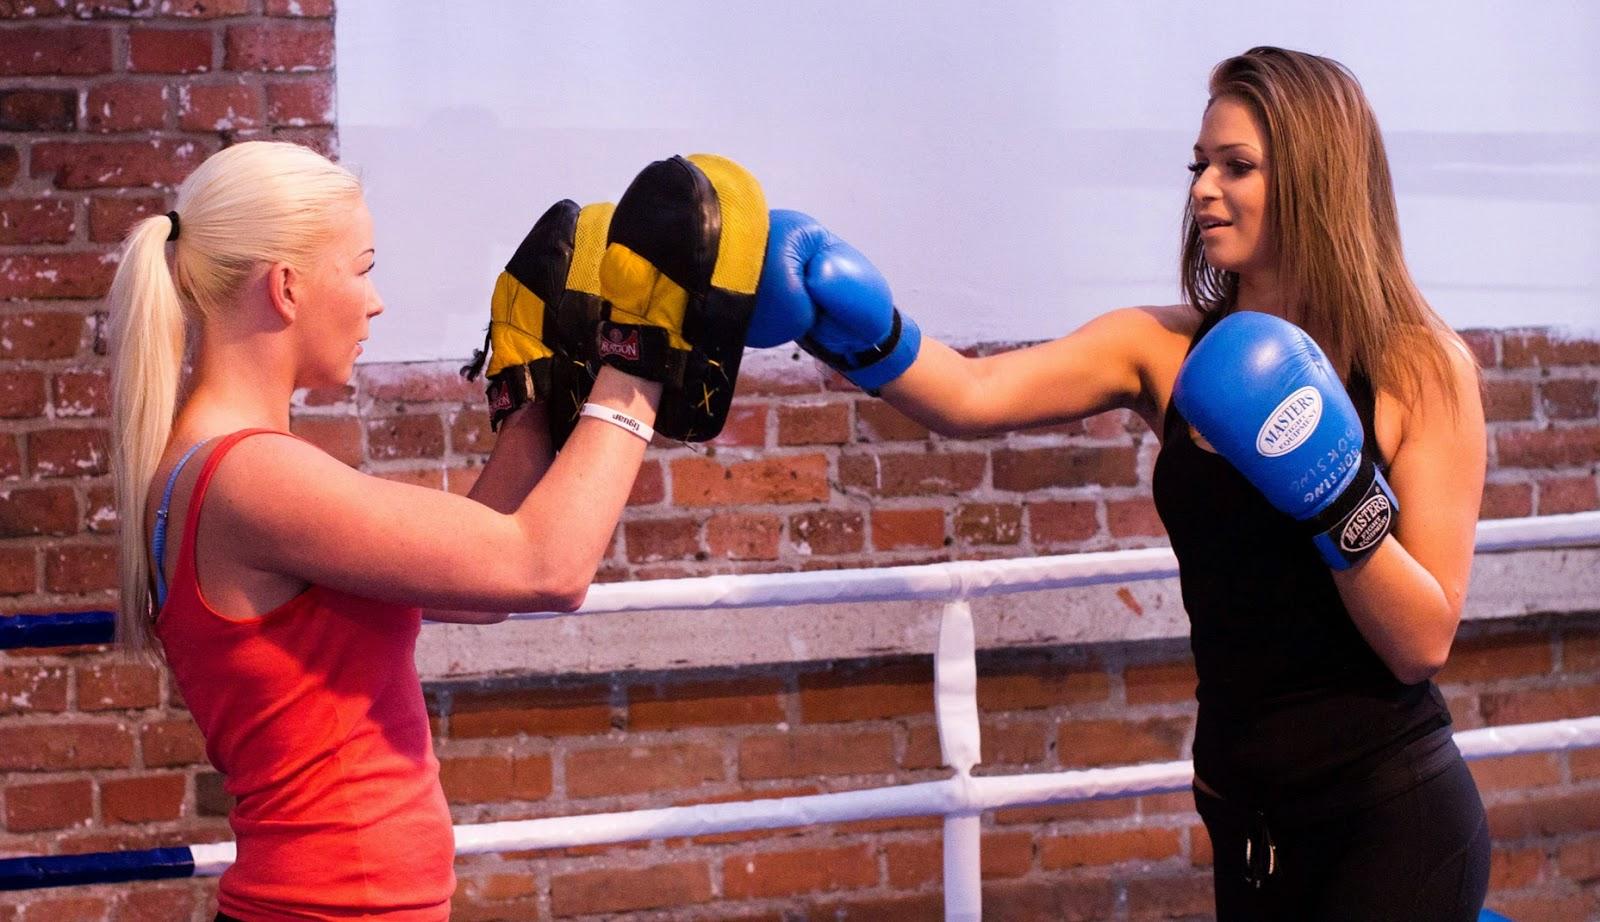 trening, kobiety, kobieta, dla kobiet, sport, zdrowie, boks, kickboxing, muay thai, Emilia Czerwińska, ul. Dworcowa 31, sala bokserska, trening personalny